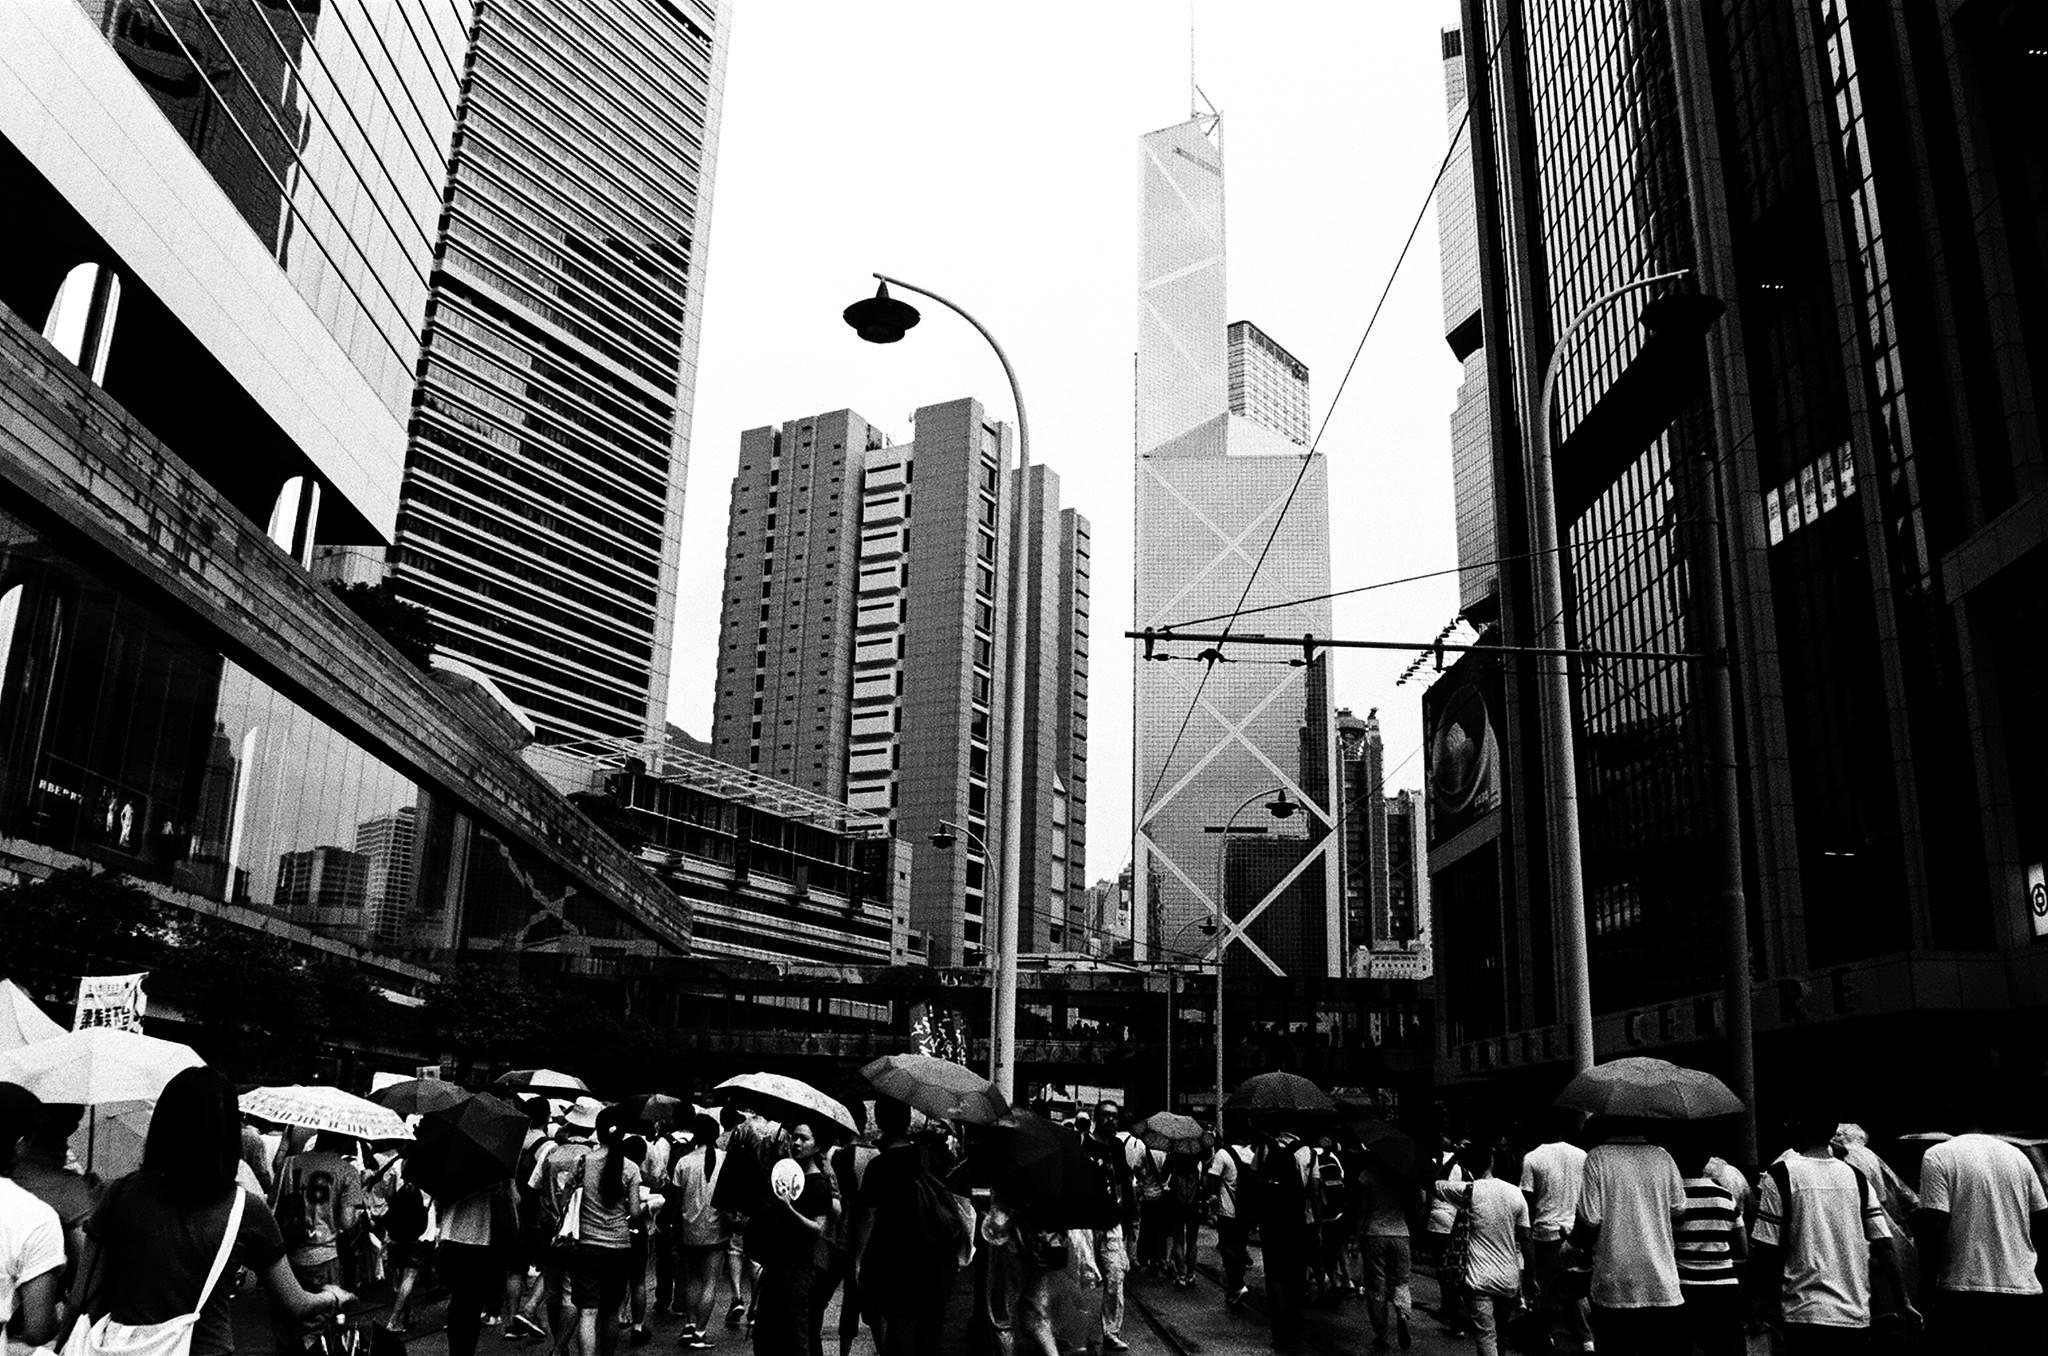 如何看待「七‧一」回歸是近來香港每年都會發生的固定爭論話題。(資料照片:攝於2012年七一;攝影:Eunsoo Lee)